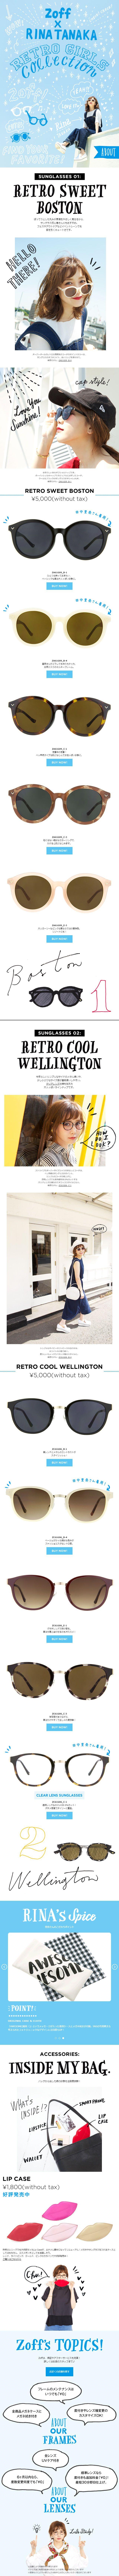 Zoff×RINA TANAKA RETRO GIRLS COLLECTION【ファッション関連】のLPデザイン。WEBデザイナーさん必見!スマホランディングページのデザイン参考に(かわいい系)